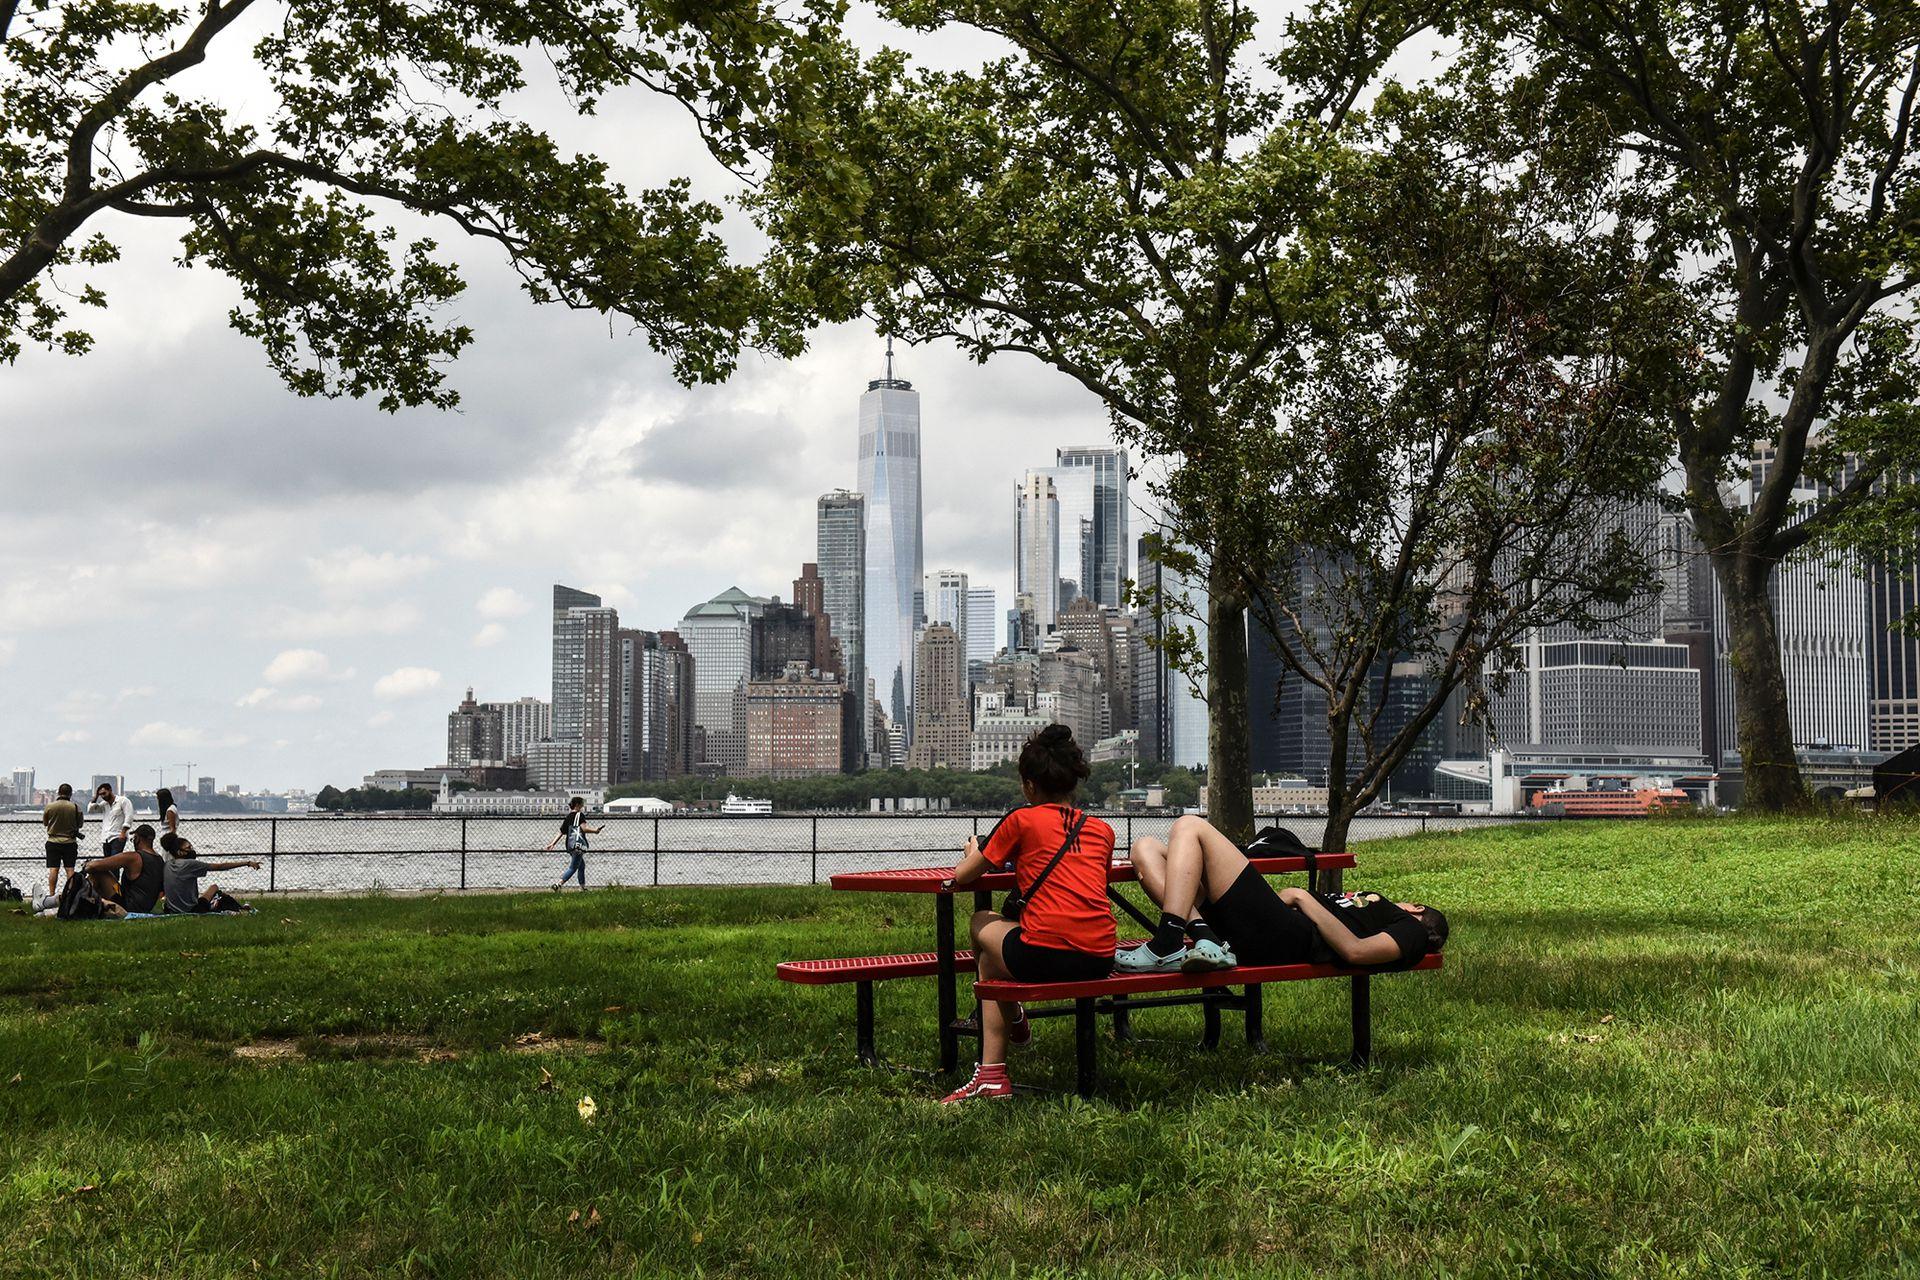 Las mesas en los parques, un lugar de encuentro en tiempos de pandemia